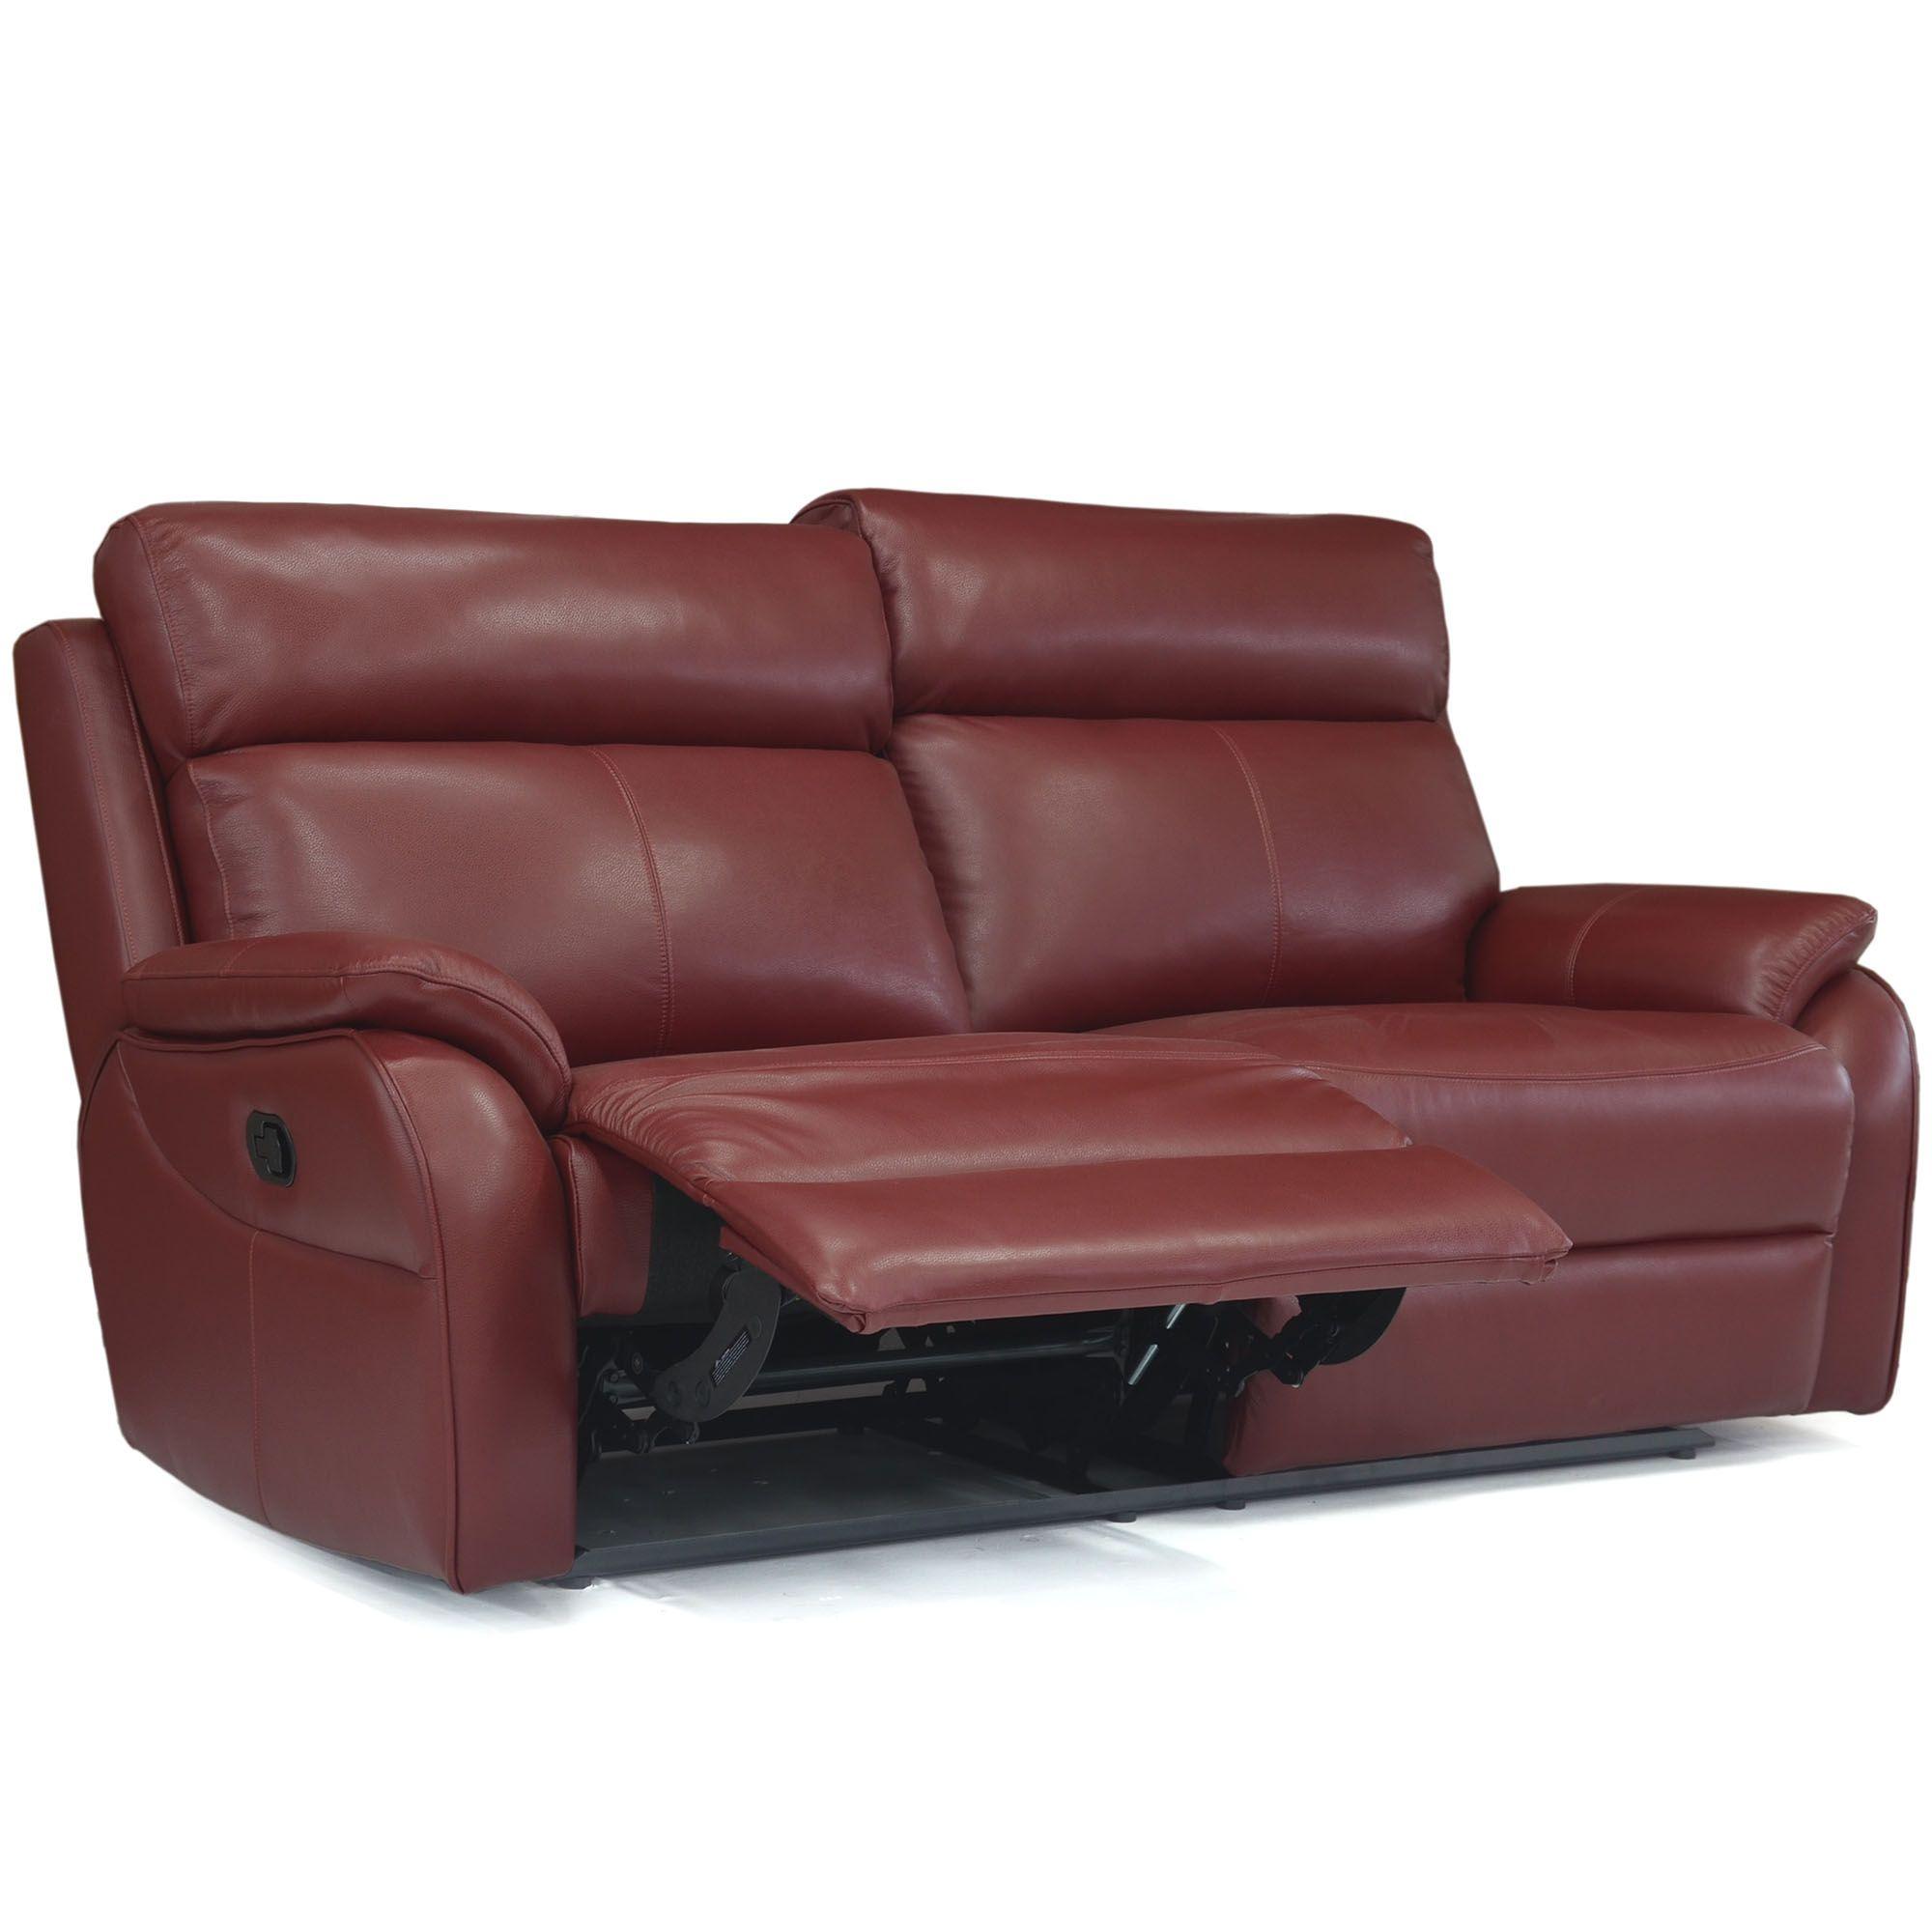 La Z boy Kendra Electric Reclining 3 Seater Sofa With USB Mezzo Leather